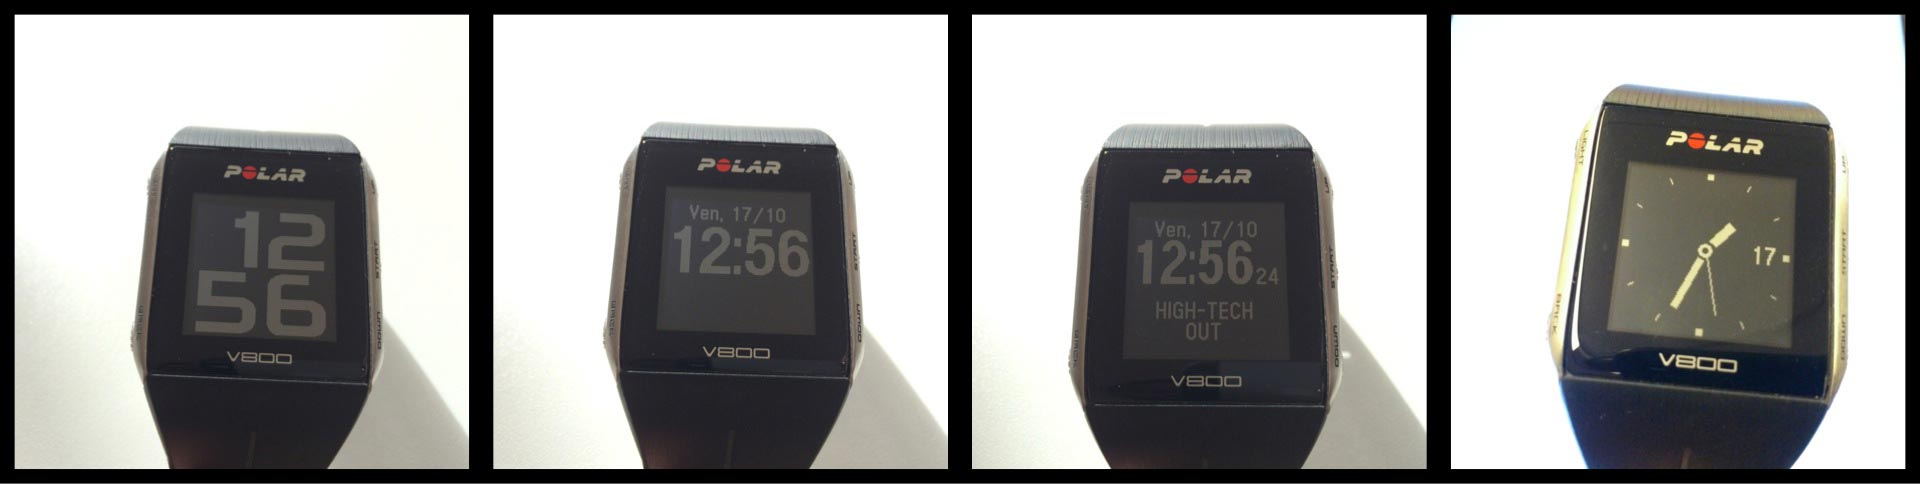 La montre GPS de sport Polar V800 avec ses différents affichages de l'heure, Ph. Moctar KANE.